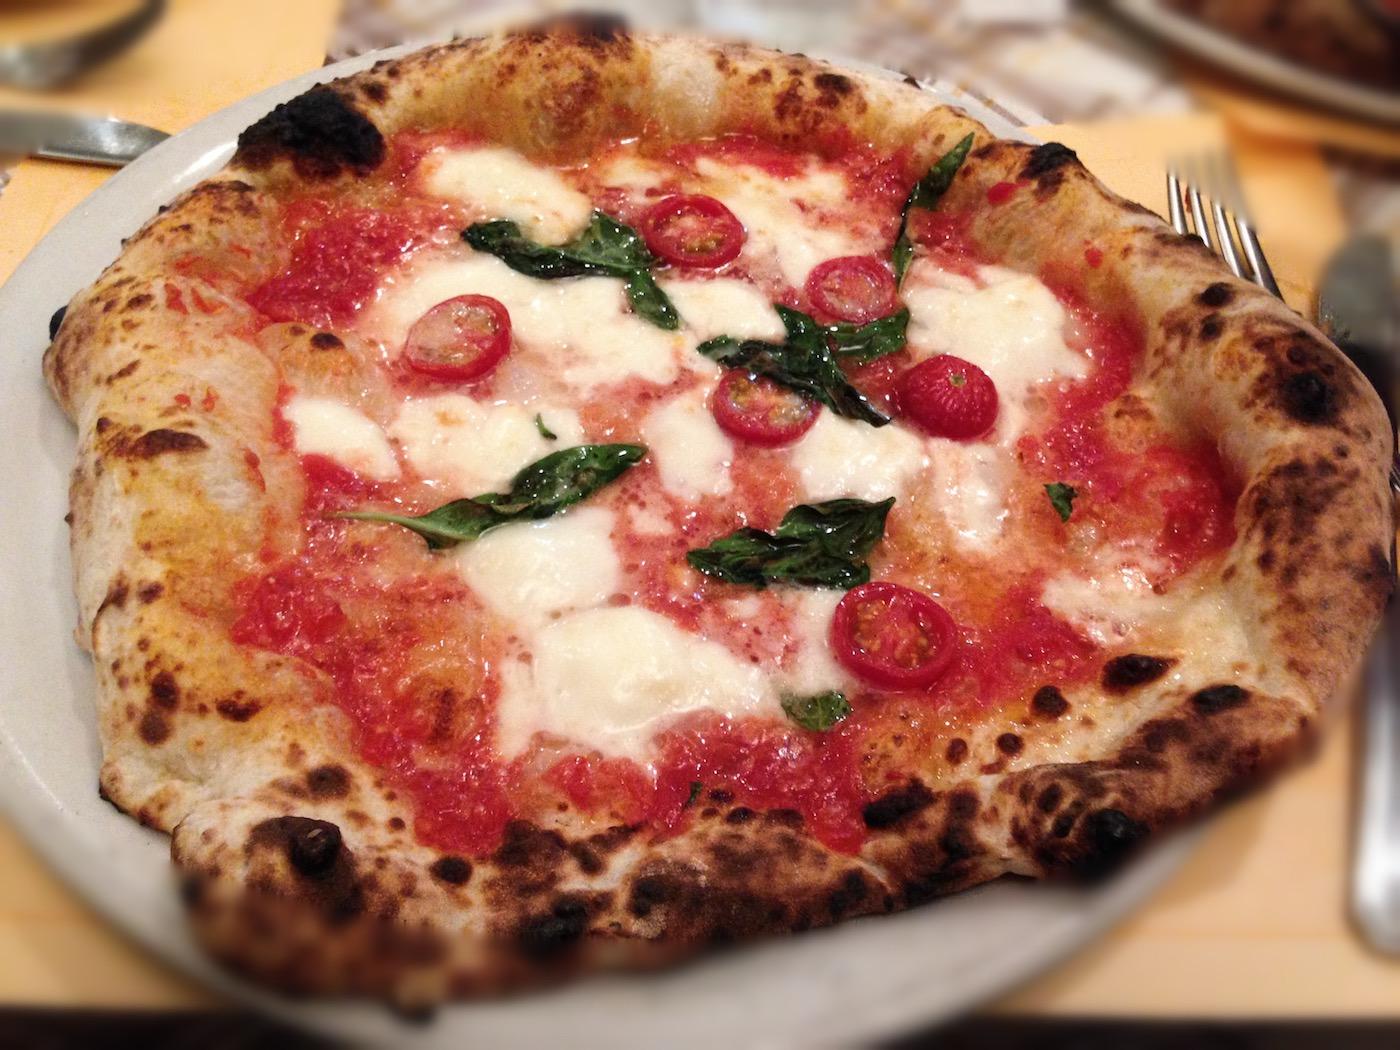 L'amore dei giapponesi per la pizza napoletana